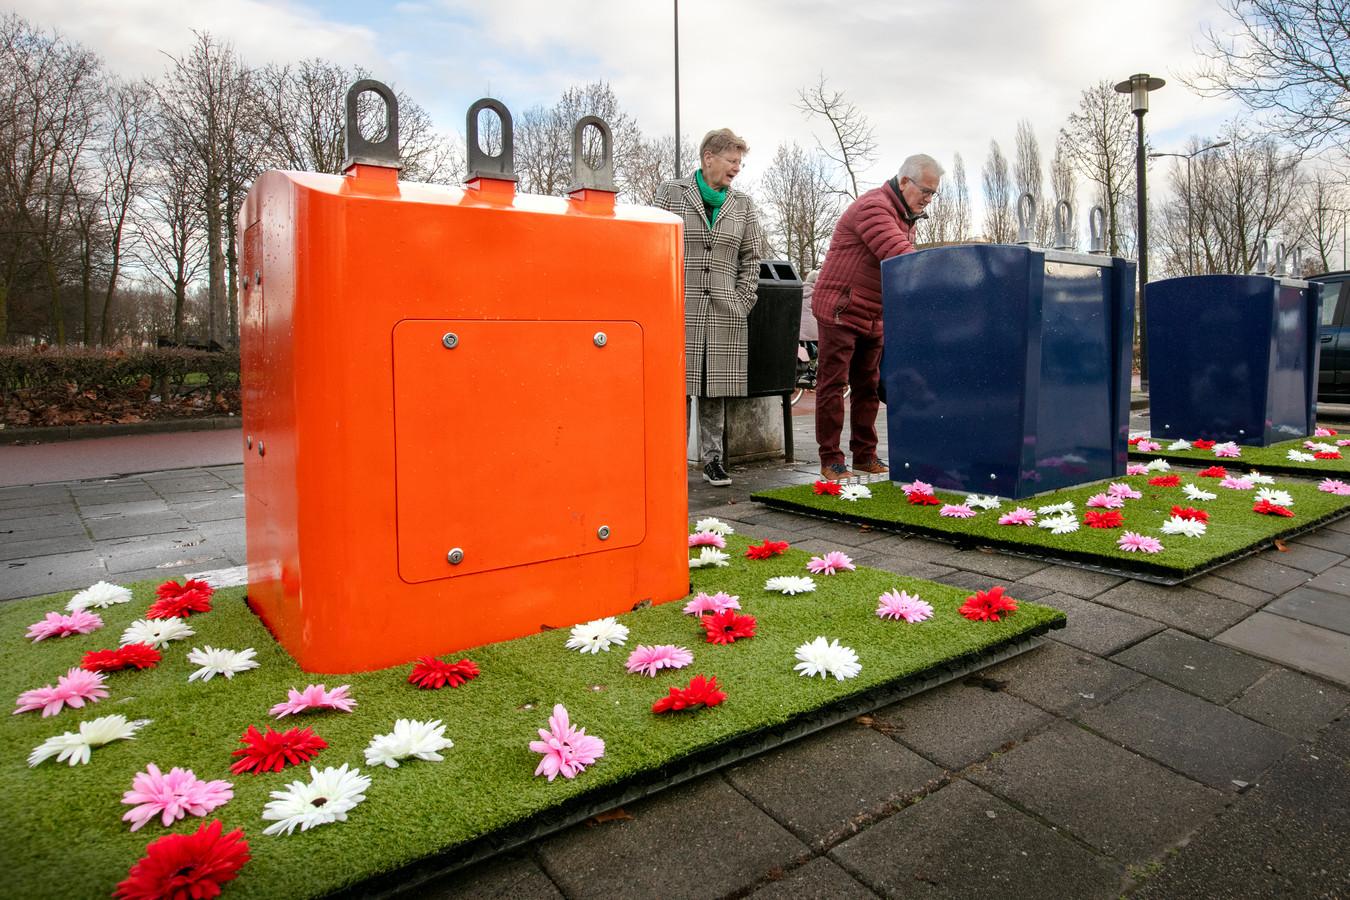 De containers in de Helftheuvel zijn versierd met een bloementuintje. Mensen worden er in ieder geval vrolijk van.